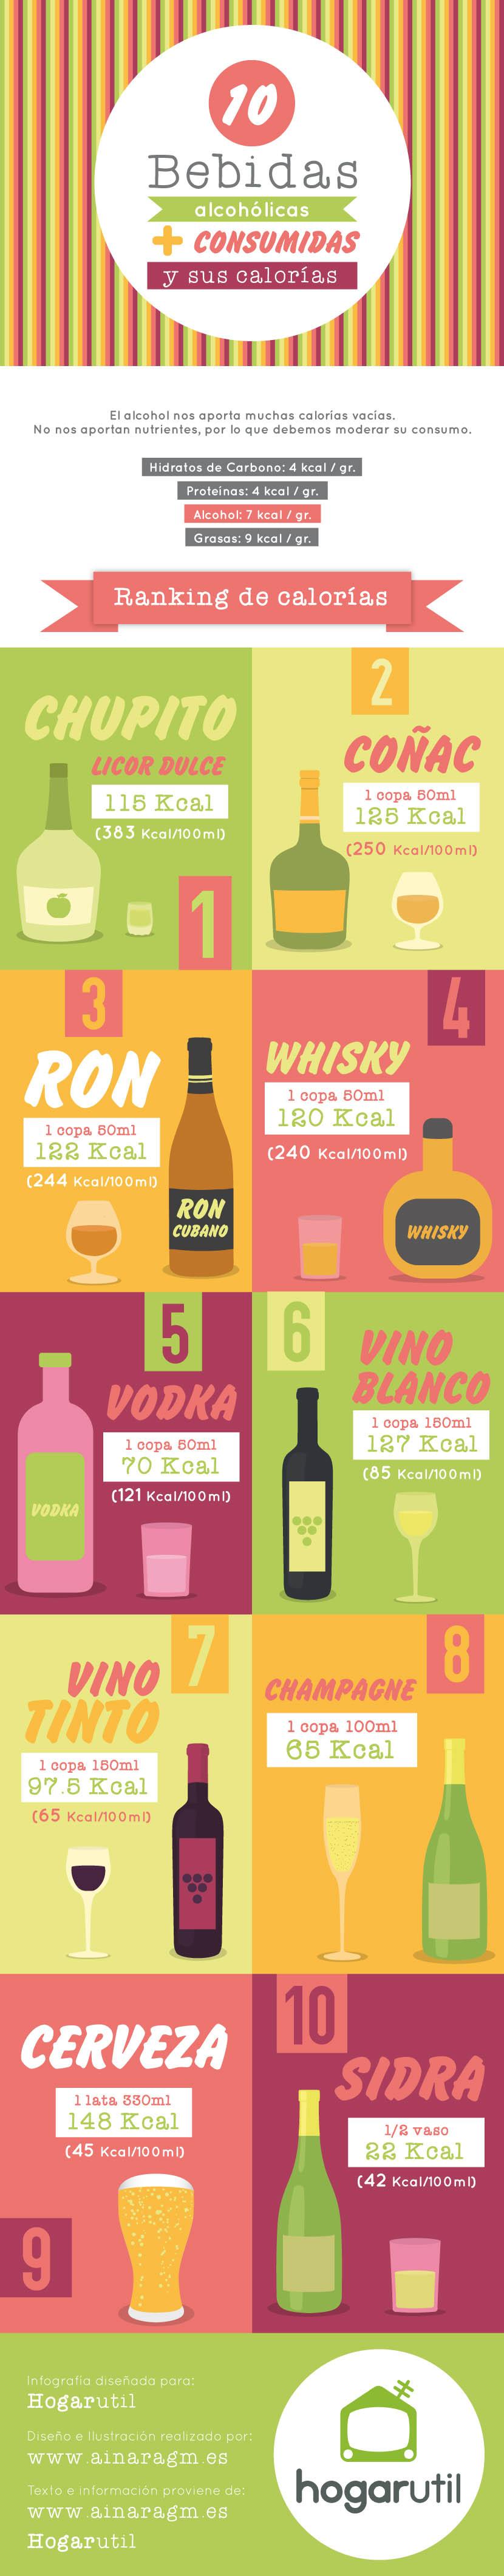 Calorias bebidas no alcoholicas